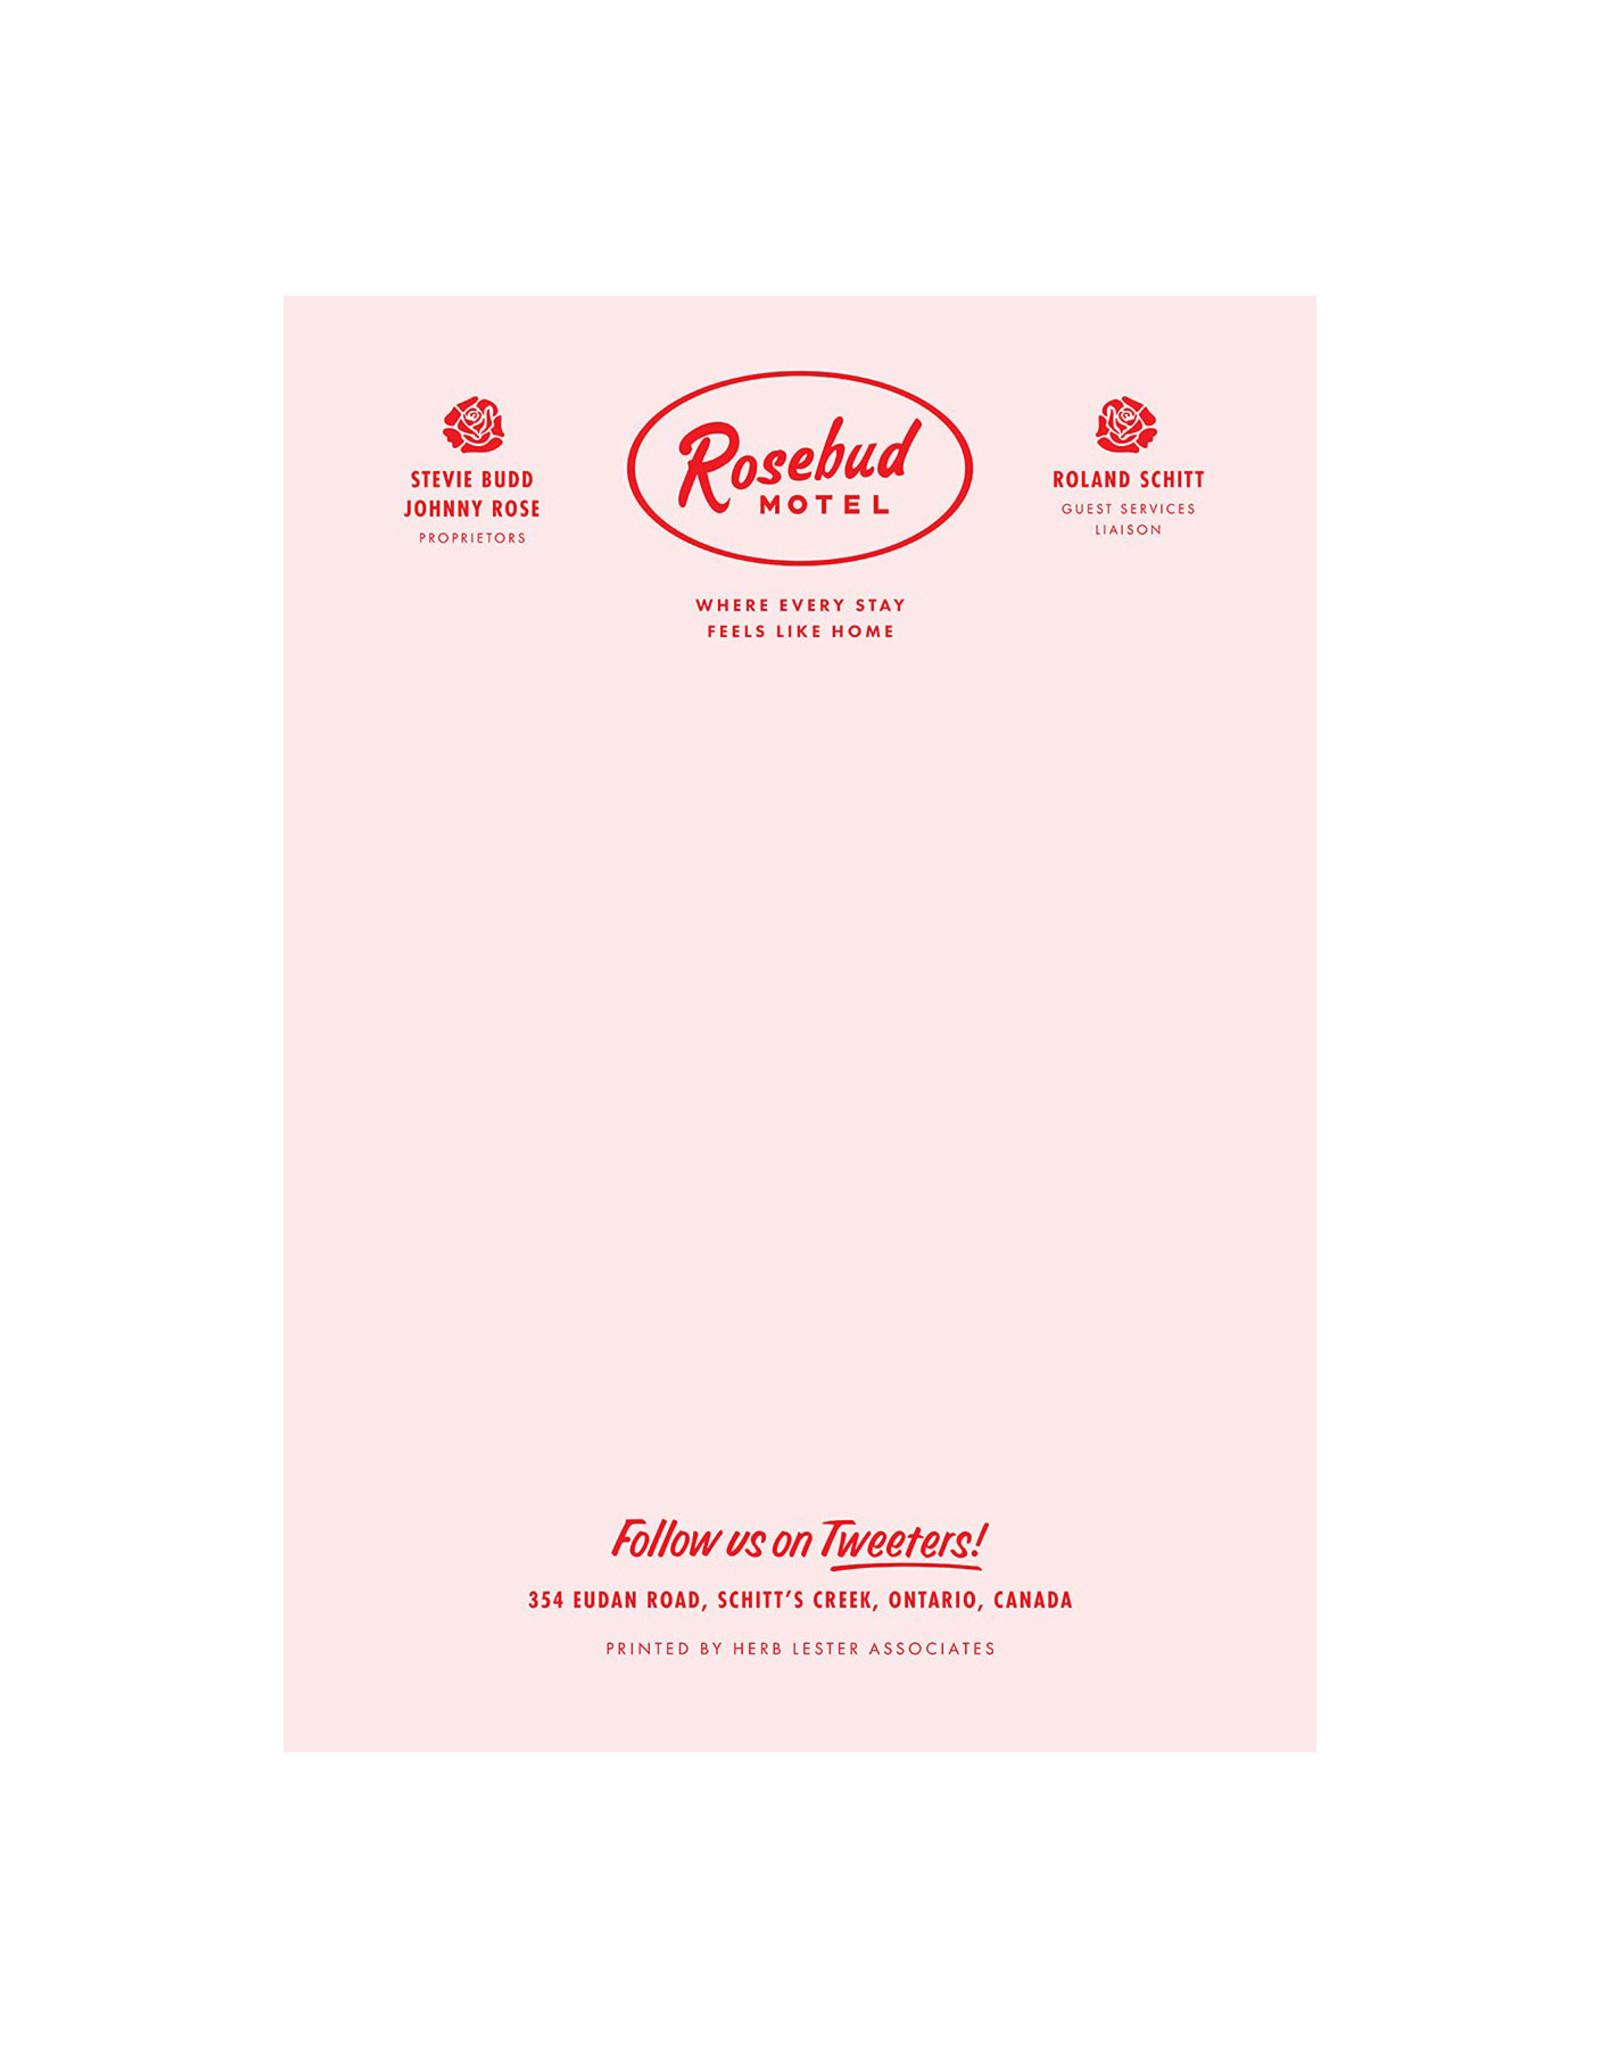 Rosebud Motel Notepad